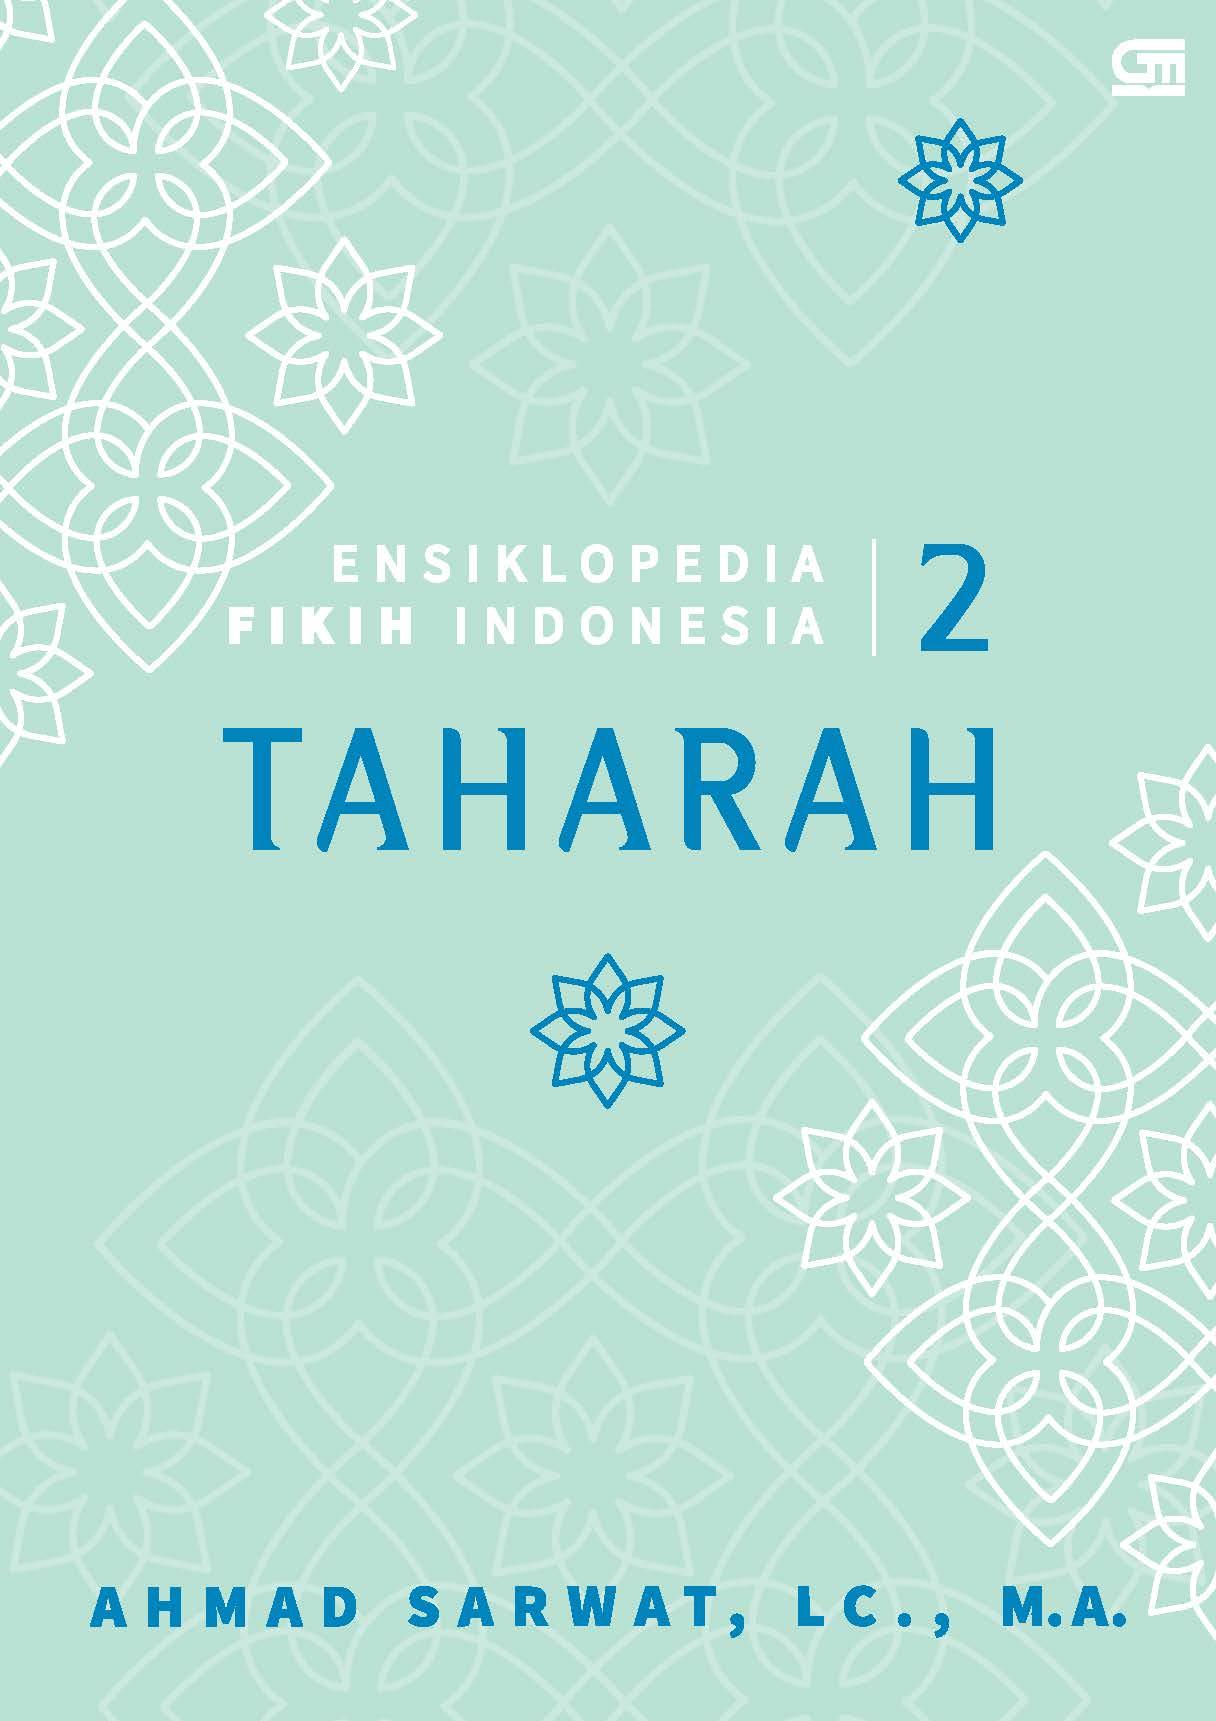 Ensiklopedia Fikih Indonesia 2: Taharah